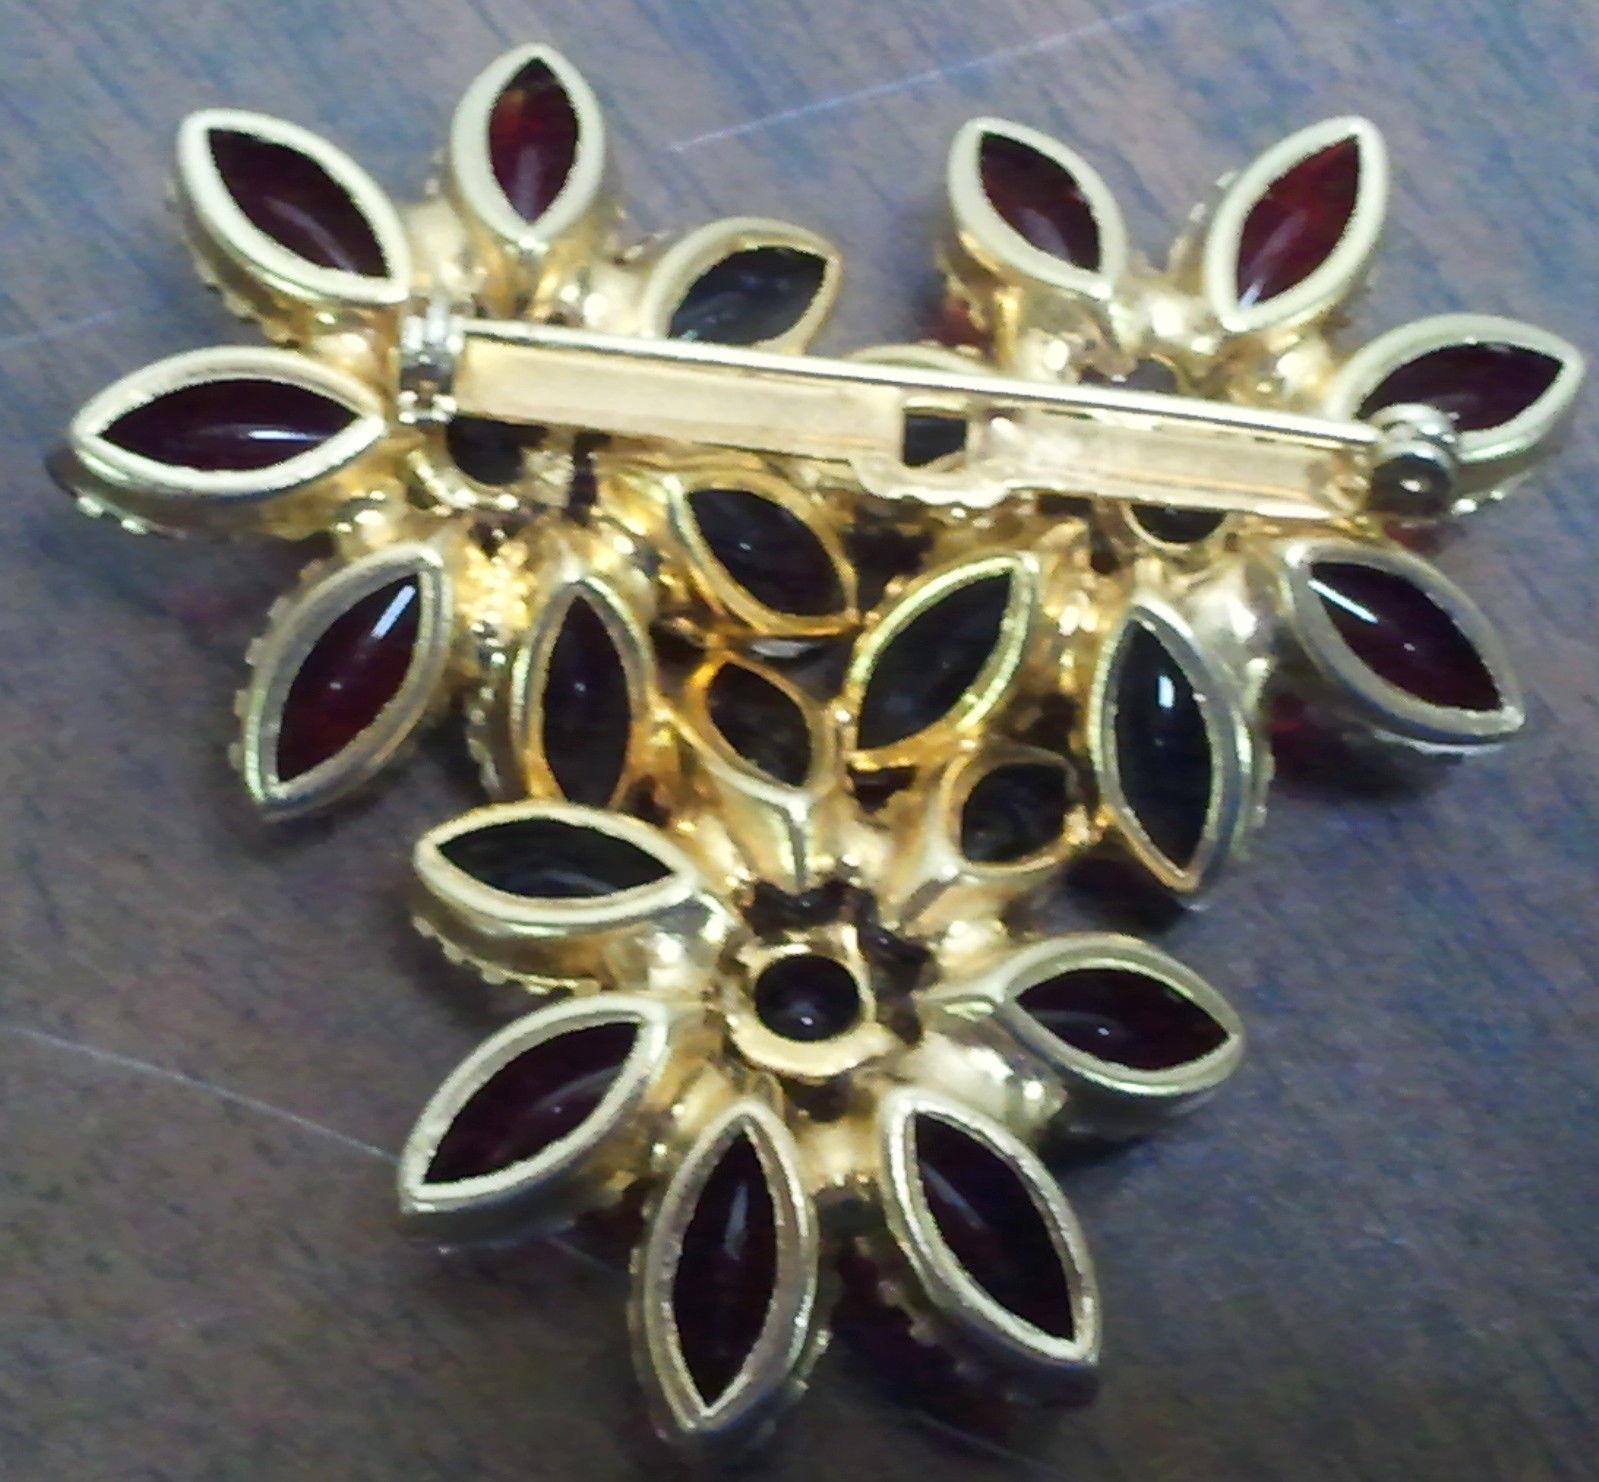 Vintage Glass Round & Navette Cabochon Floral Brooch Demi Set